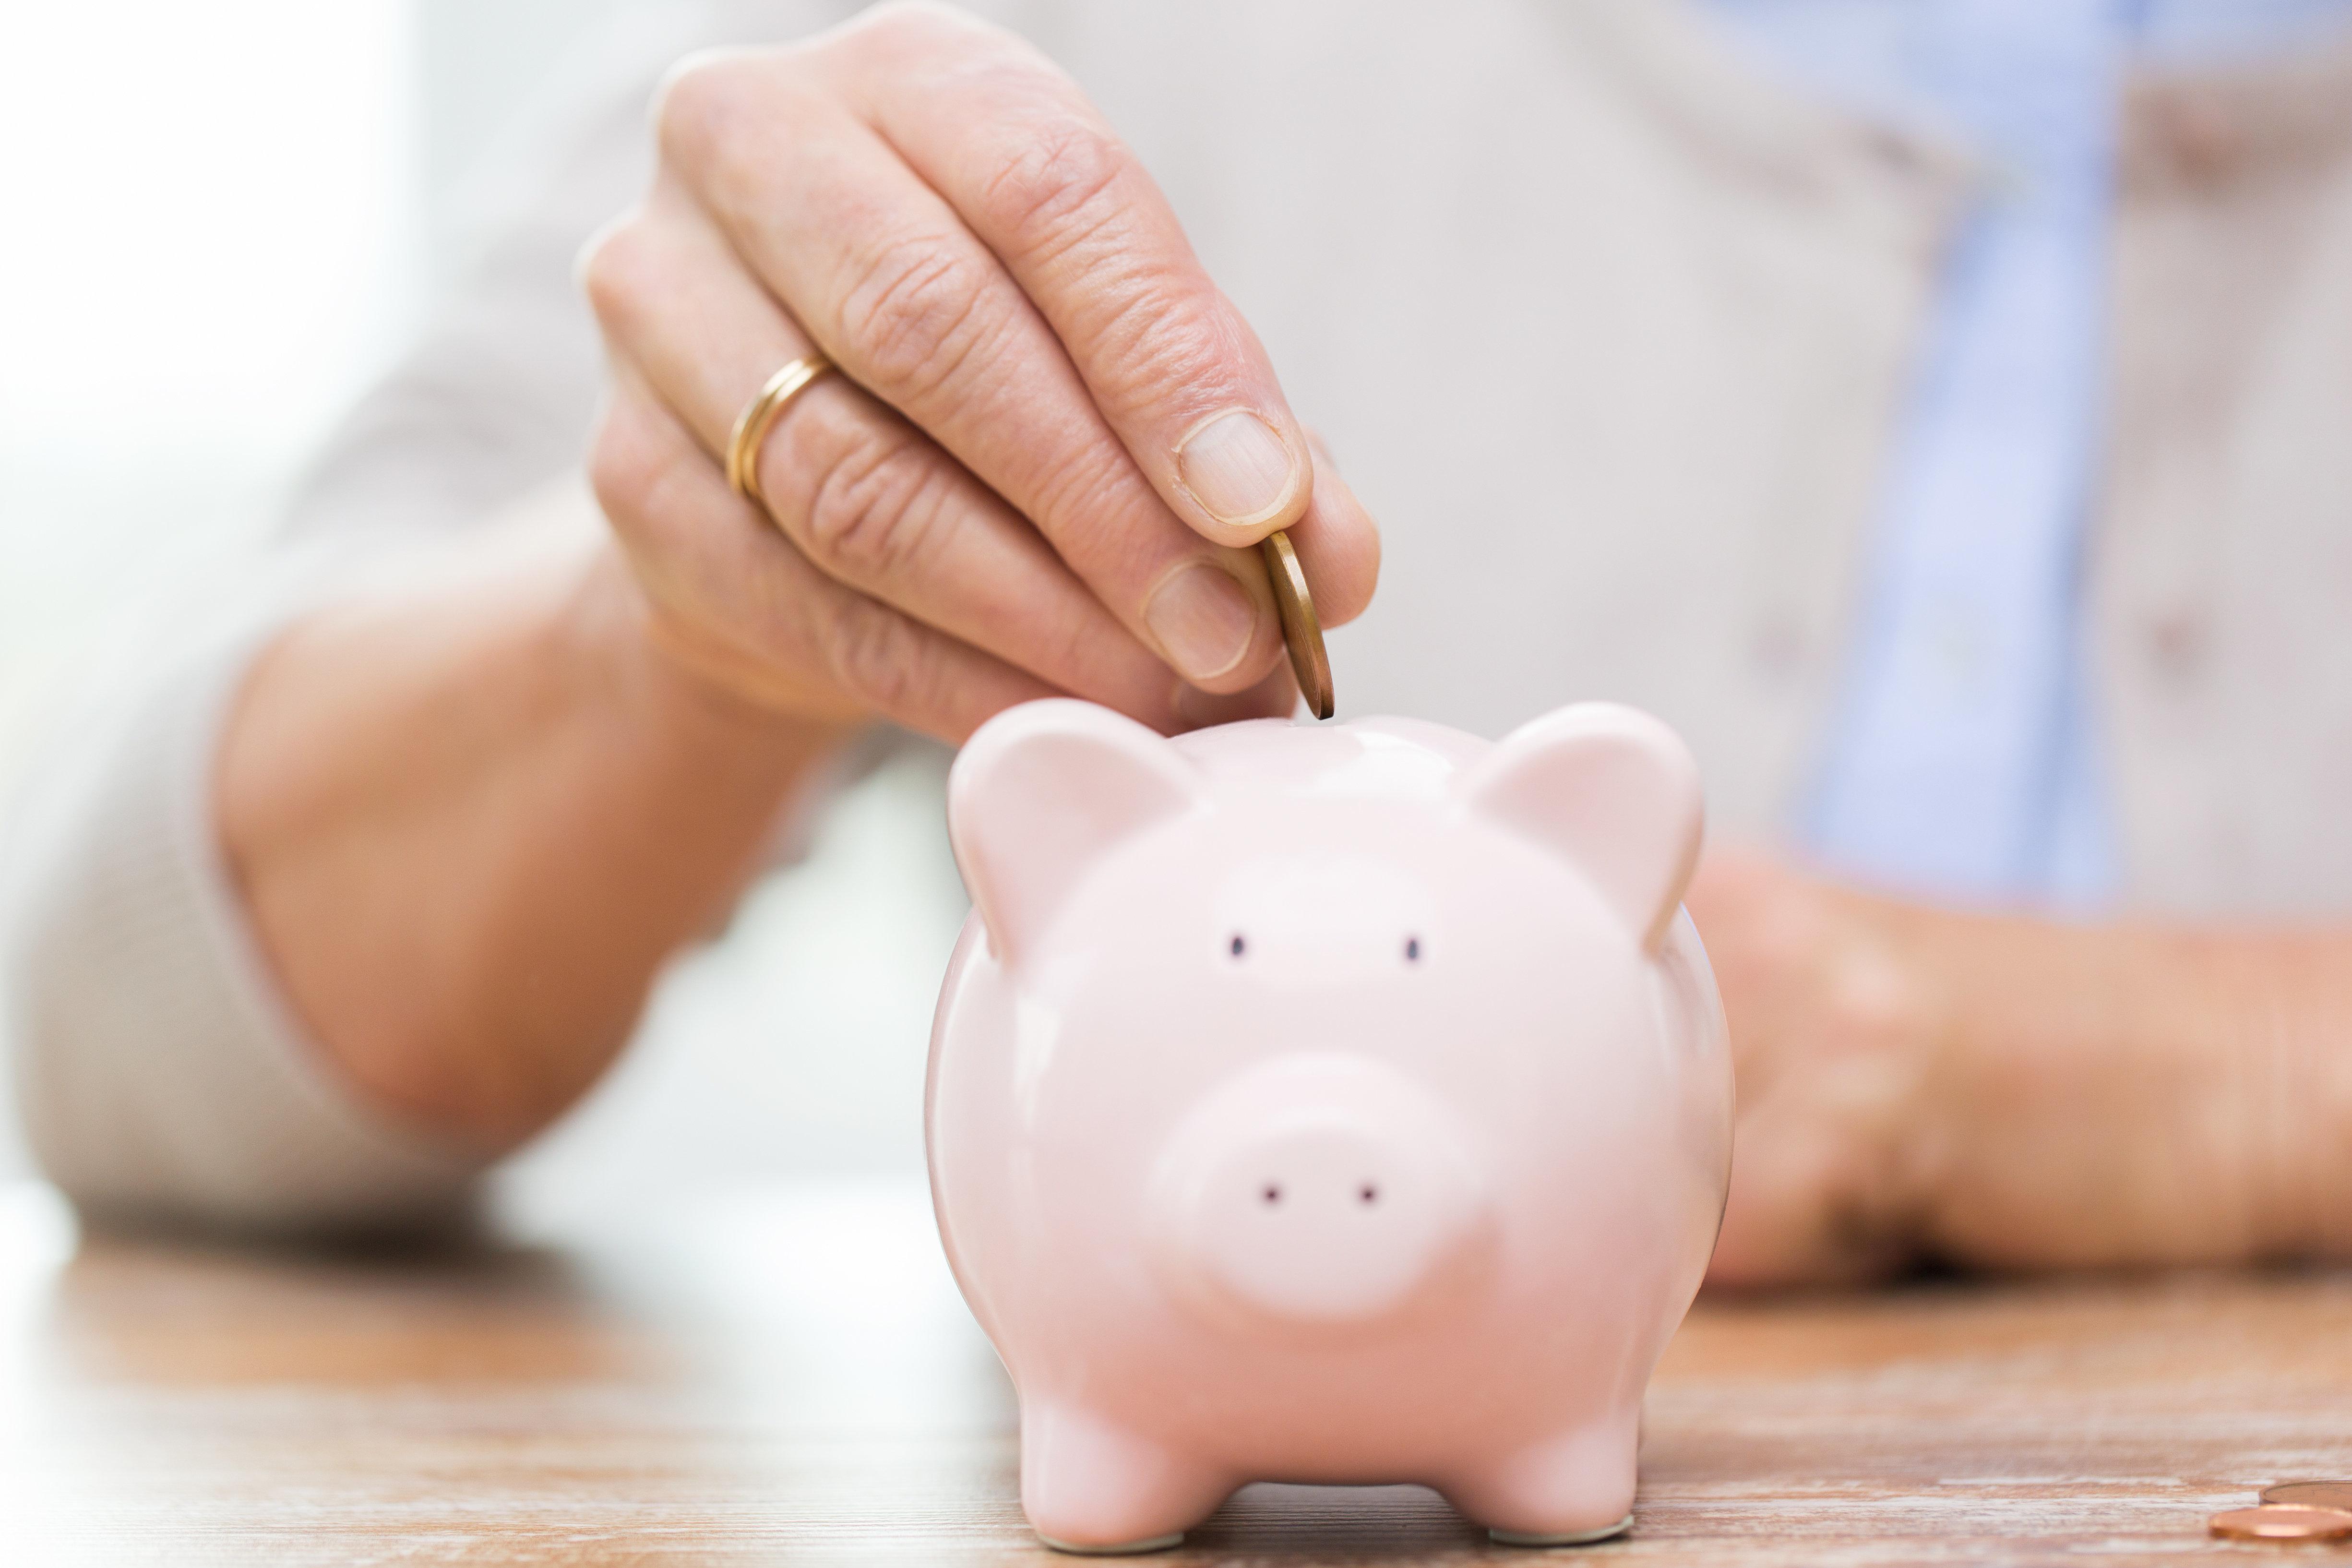 Πώς θα αποταμιεύσετε περίπου 1.500 ευρώ μέσα στο 2018 χωρίς να στερηθείτε